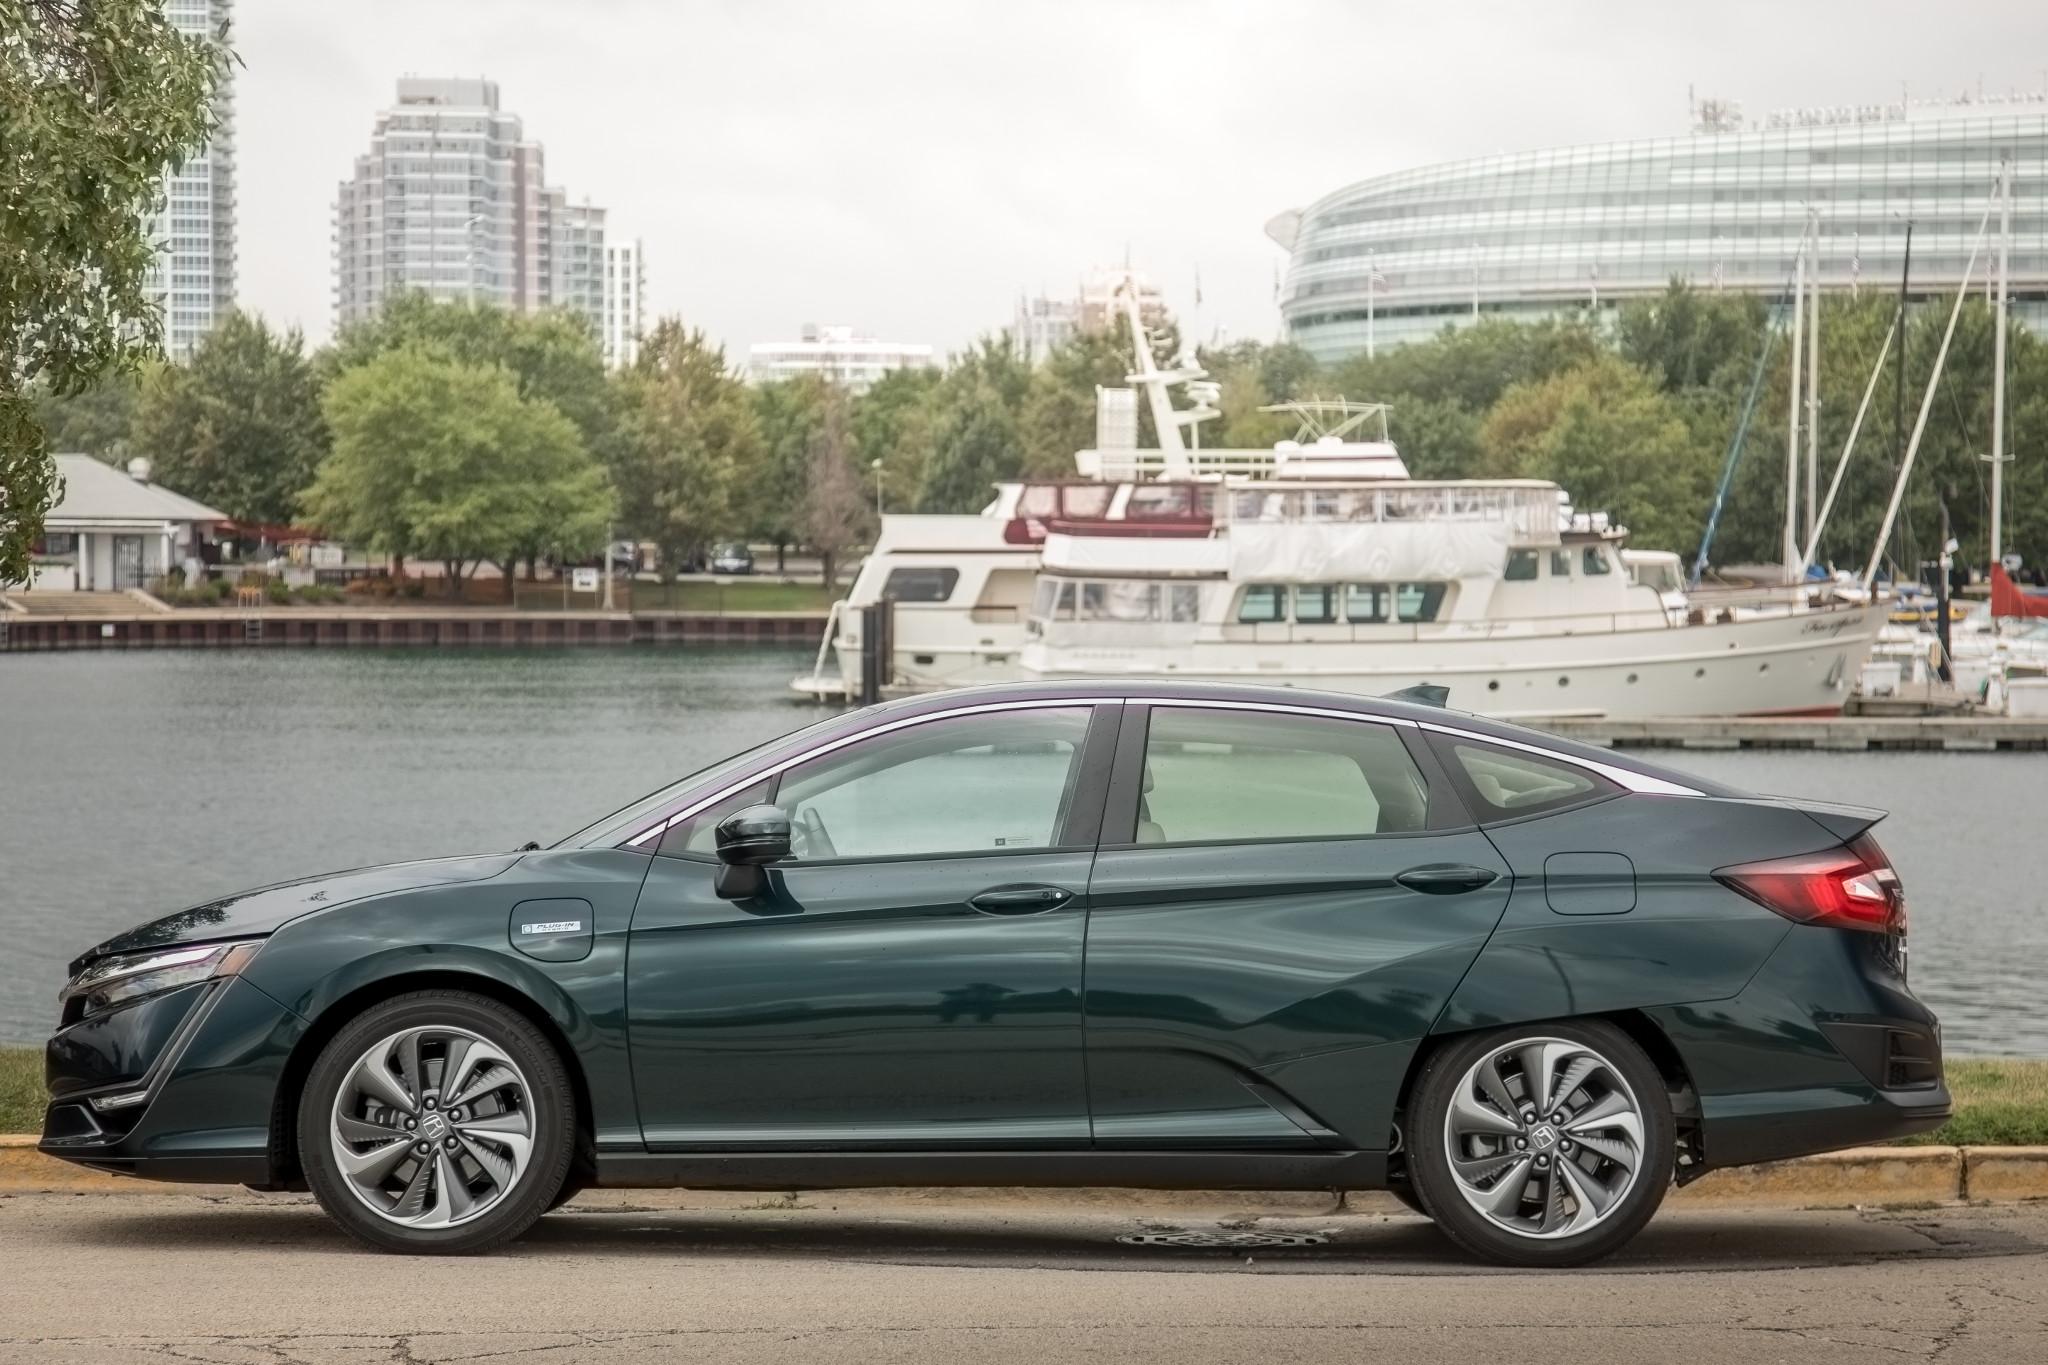 Cars Com Reviews >> Top 10 Car Reviews Of 2019 Suvs Aim To Please But Honda